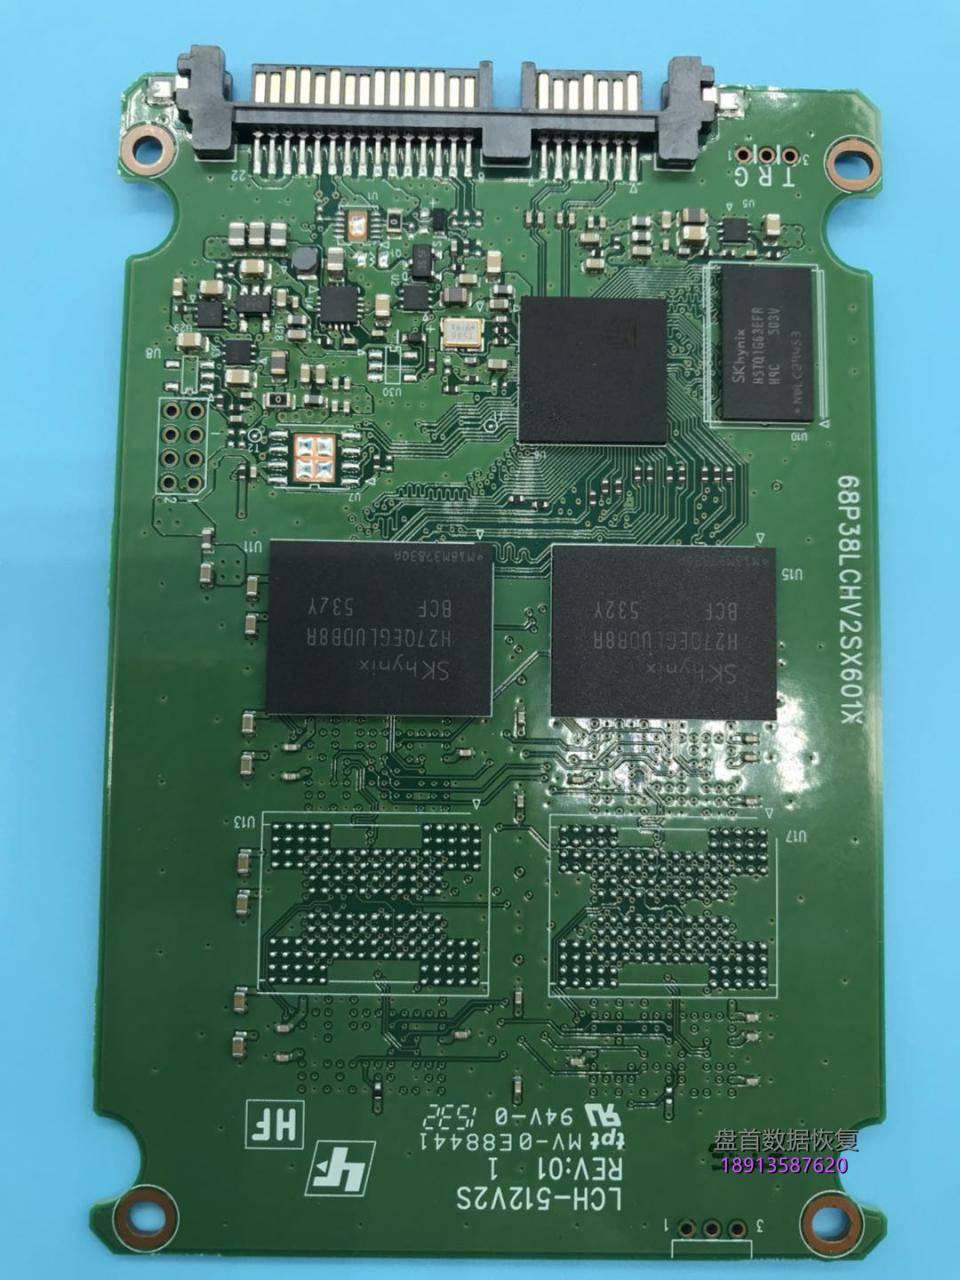 建兴lch-128v2s掉盘卡死在开机画面无法识别到固态硬盘数 建兴LCH-128V2S掉盘卡死在开机画面无法识别主控型号SM2246XT固态硬盘数据恢复成功